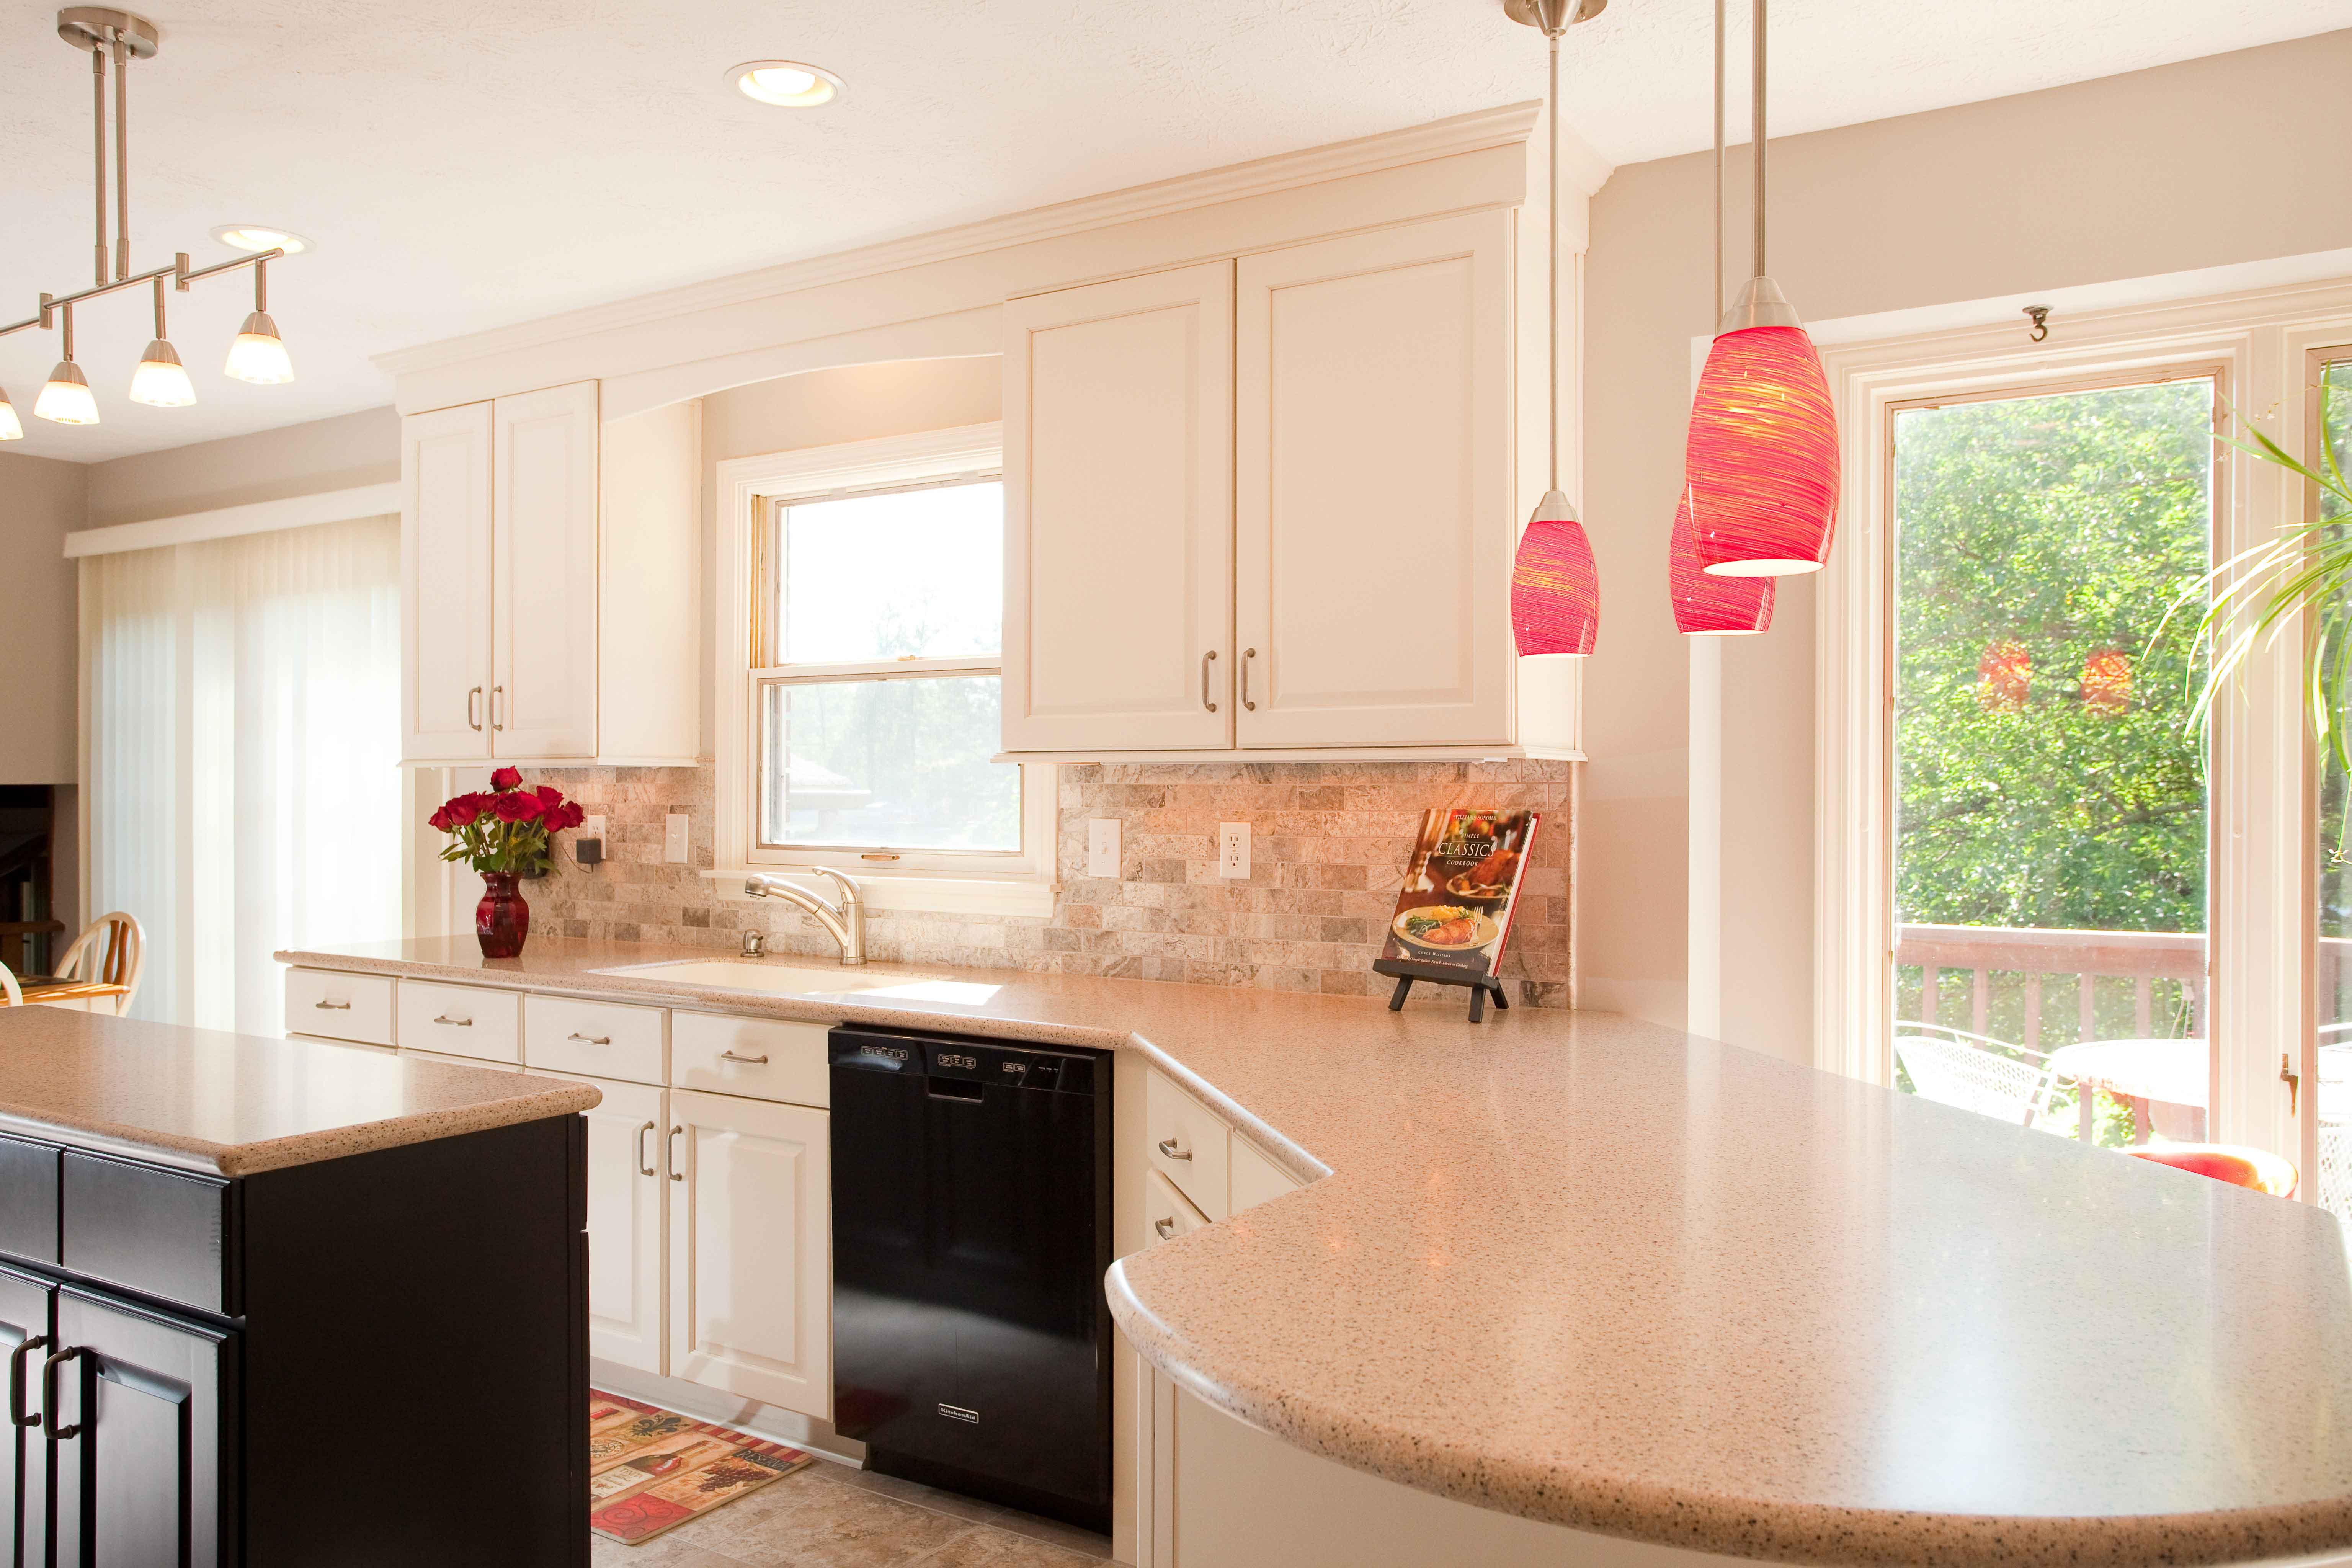 Thiết kế bếp gam màu hồng mê hoặc chị em phụ nữ từ cái nhìn đầu tiên